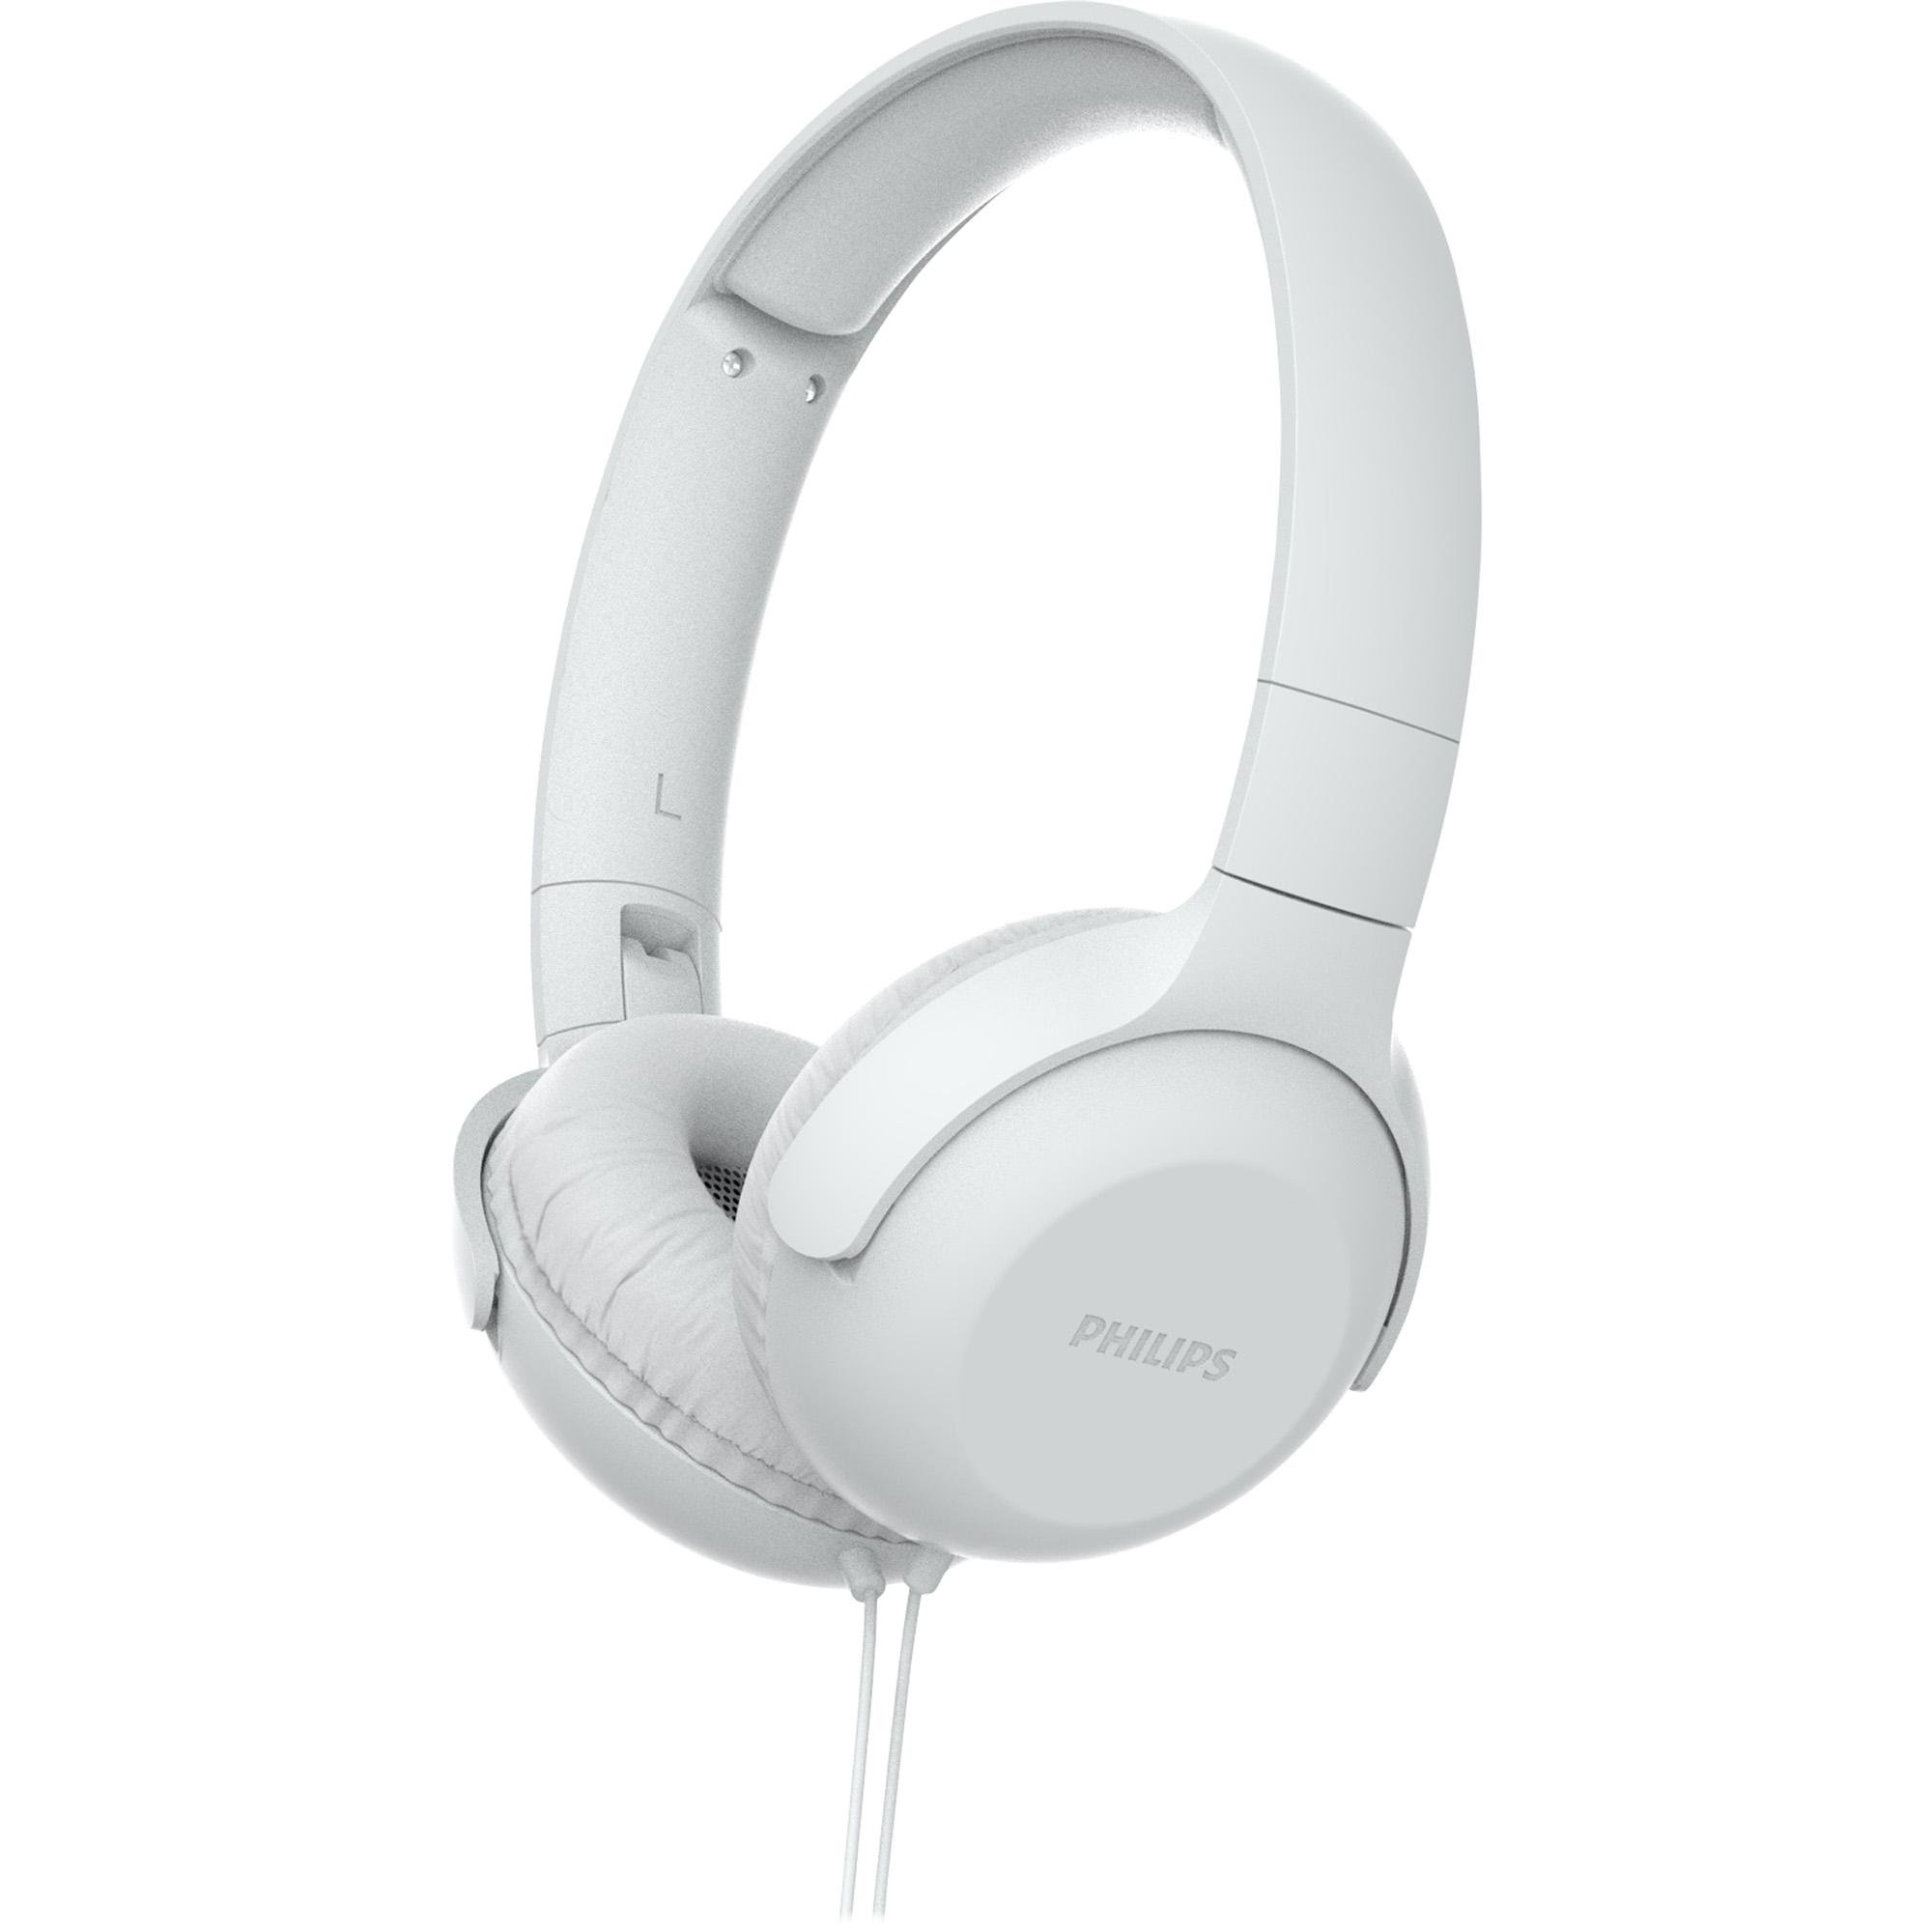 Fone de Ouvido com Microfone Philips TAUH201WT/00 Branco